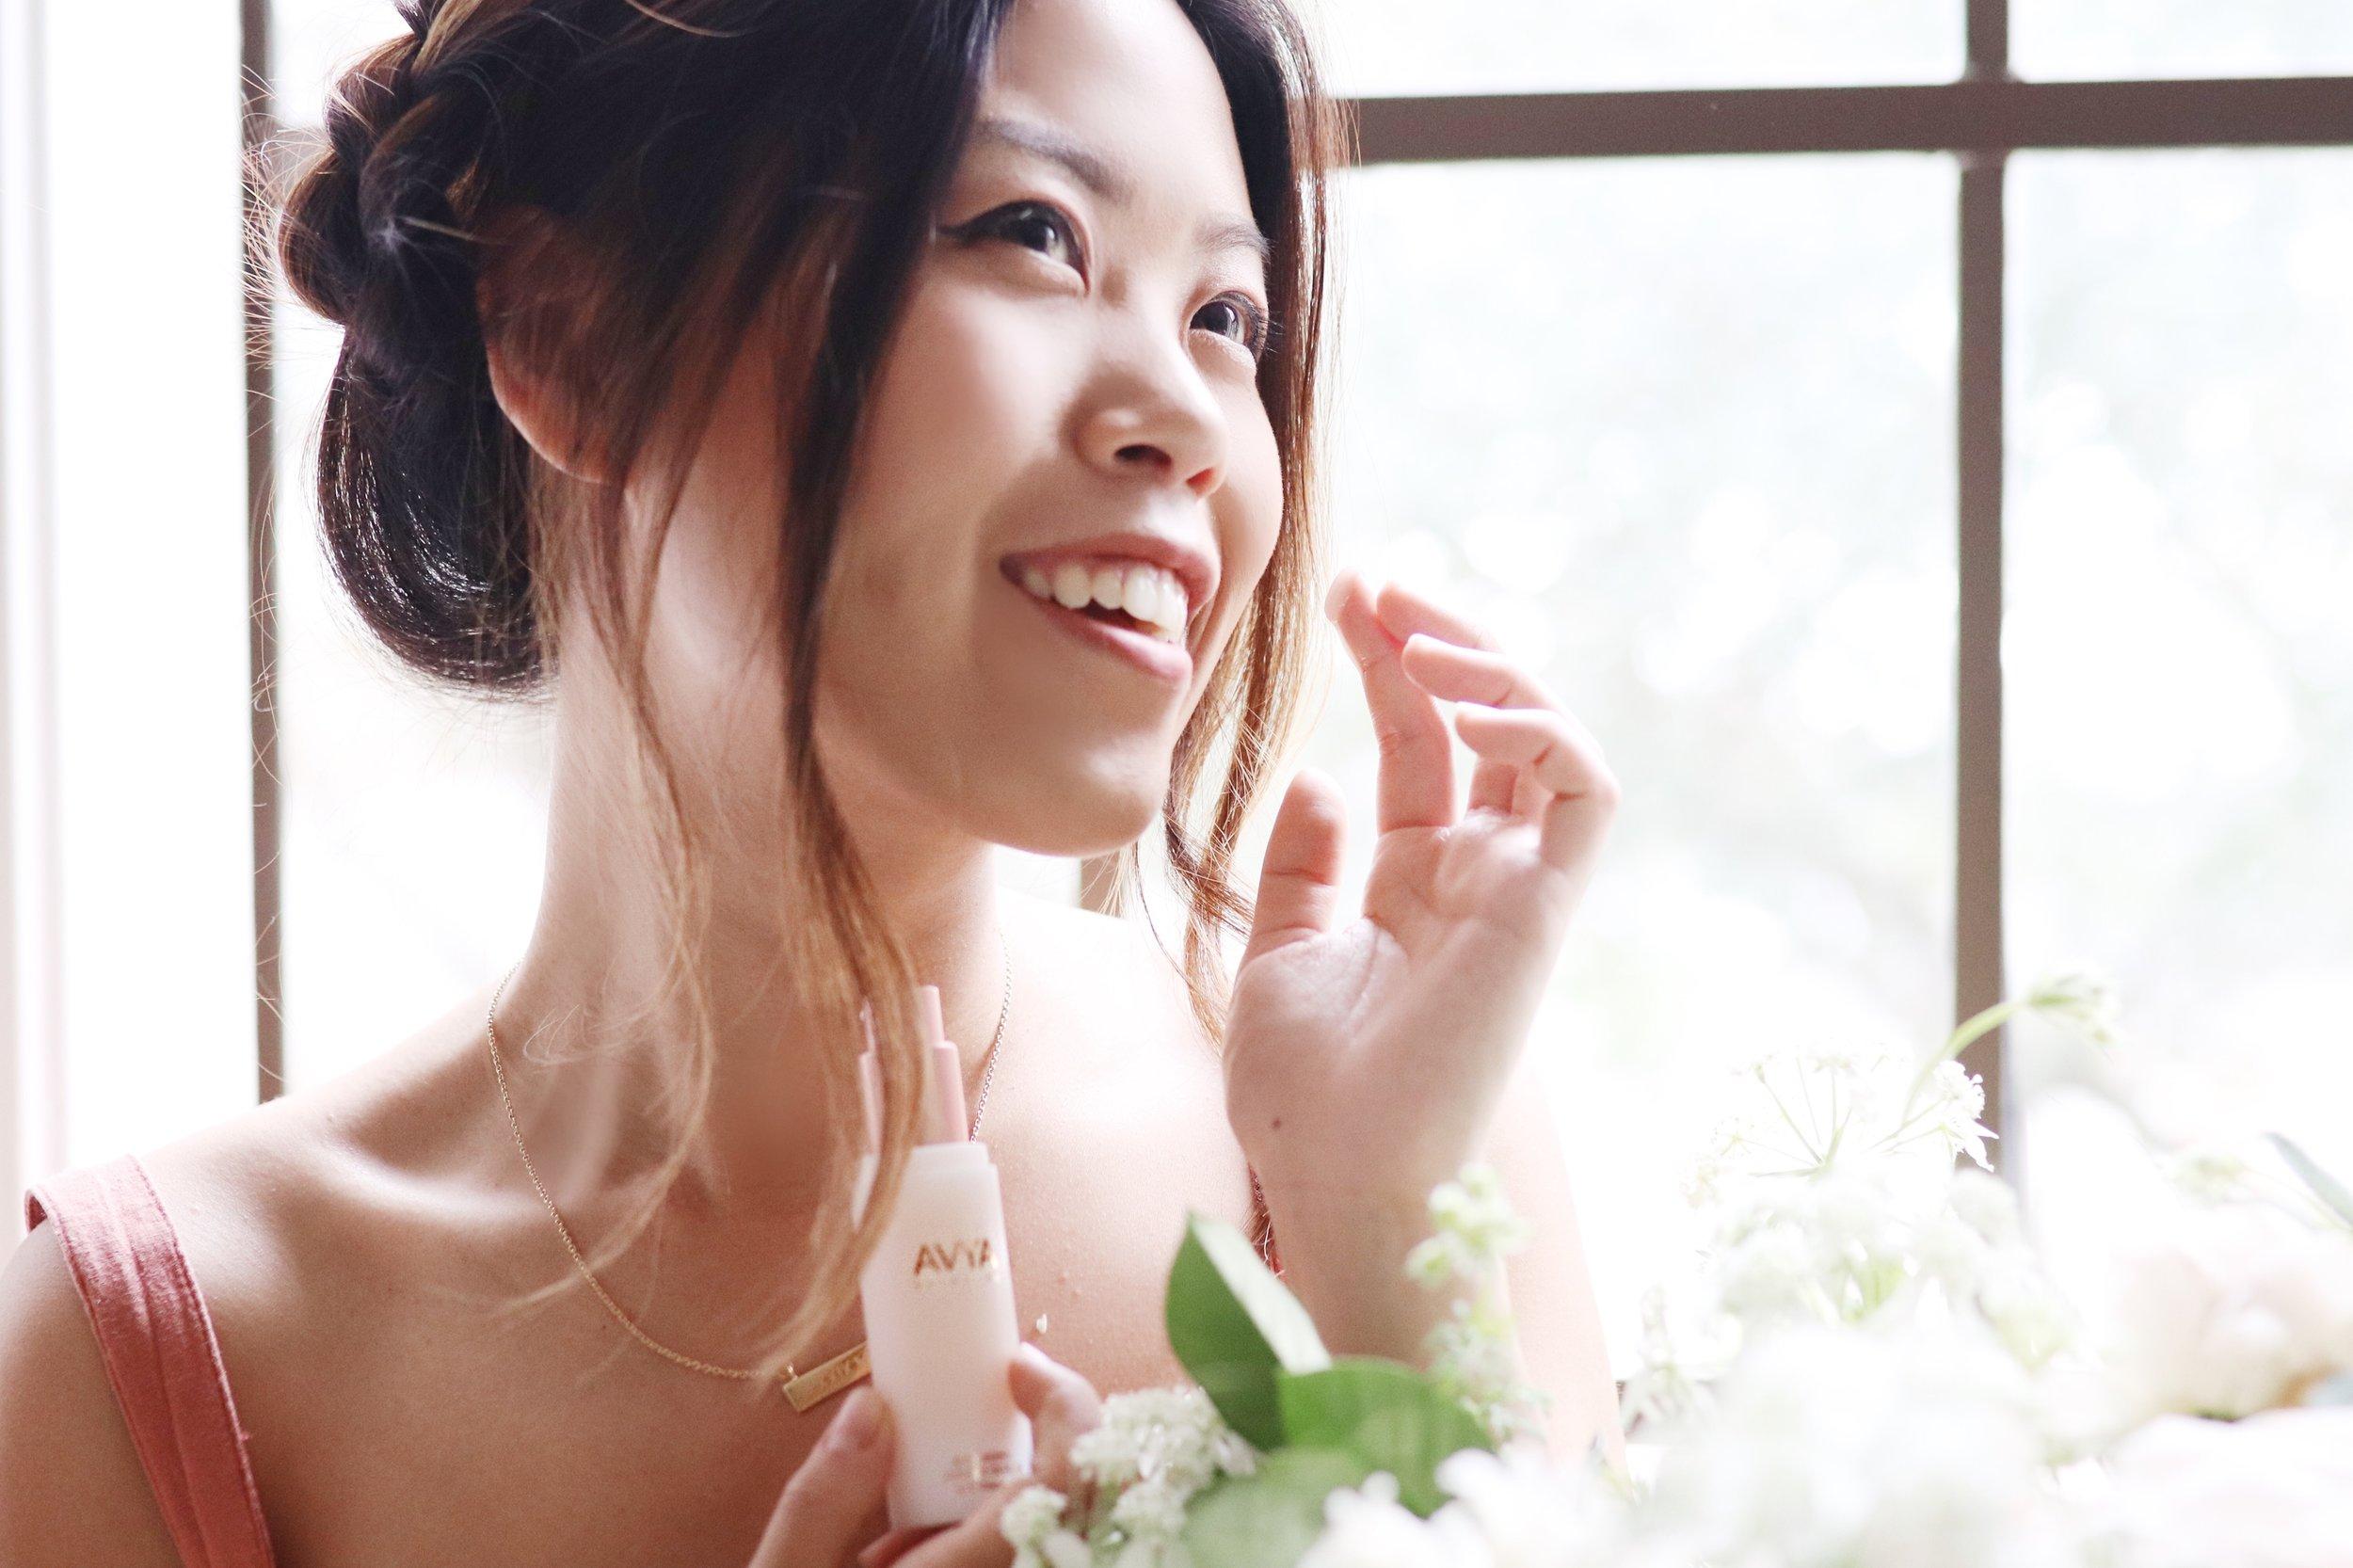 Joyfullygreen avya skincare-18.jpg